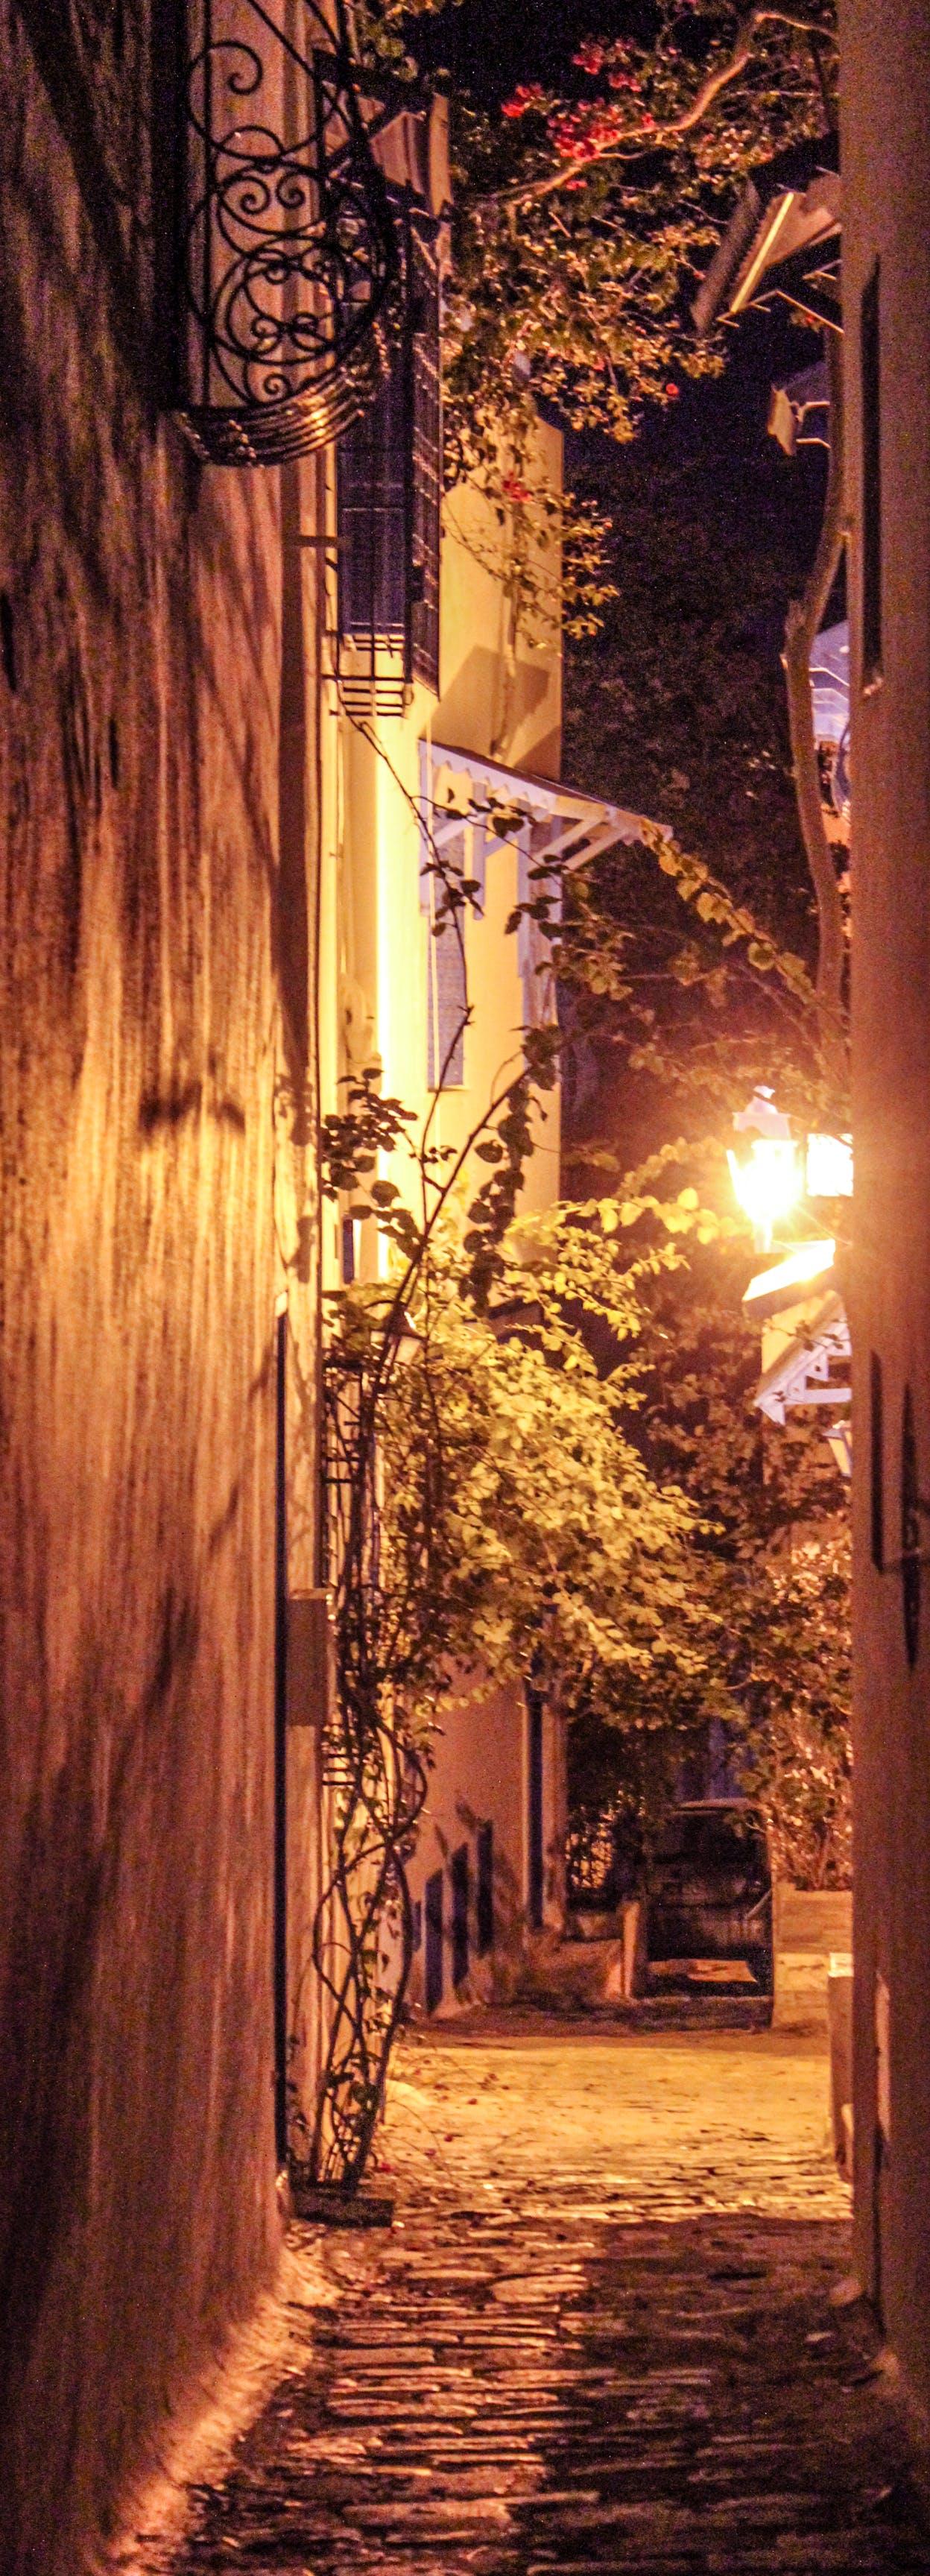 Free stock photo of architectural design, dark, italian architecture, night